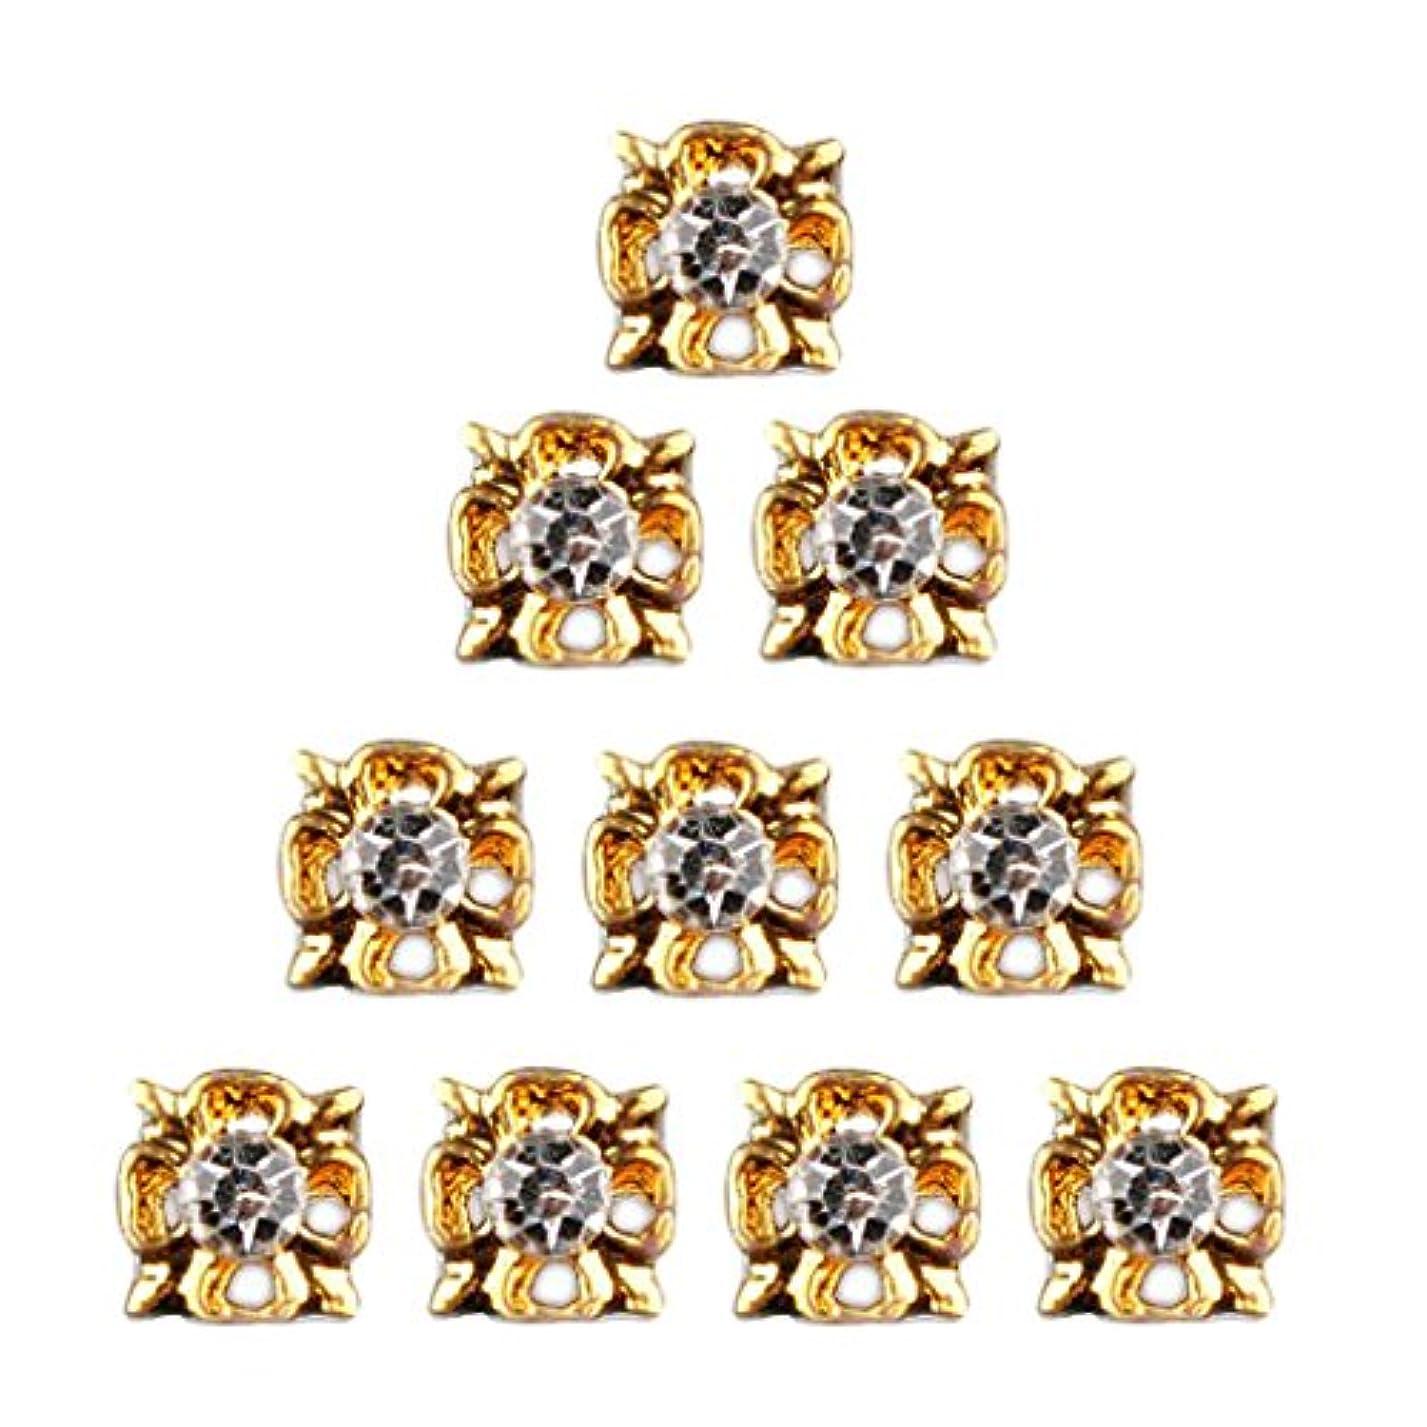 舌実証するいつでもネイルアート ダイヤモンド ネイルデザイン 3D ヒントステッカー ネイルデコレーション 全8種類 - 4